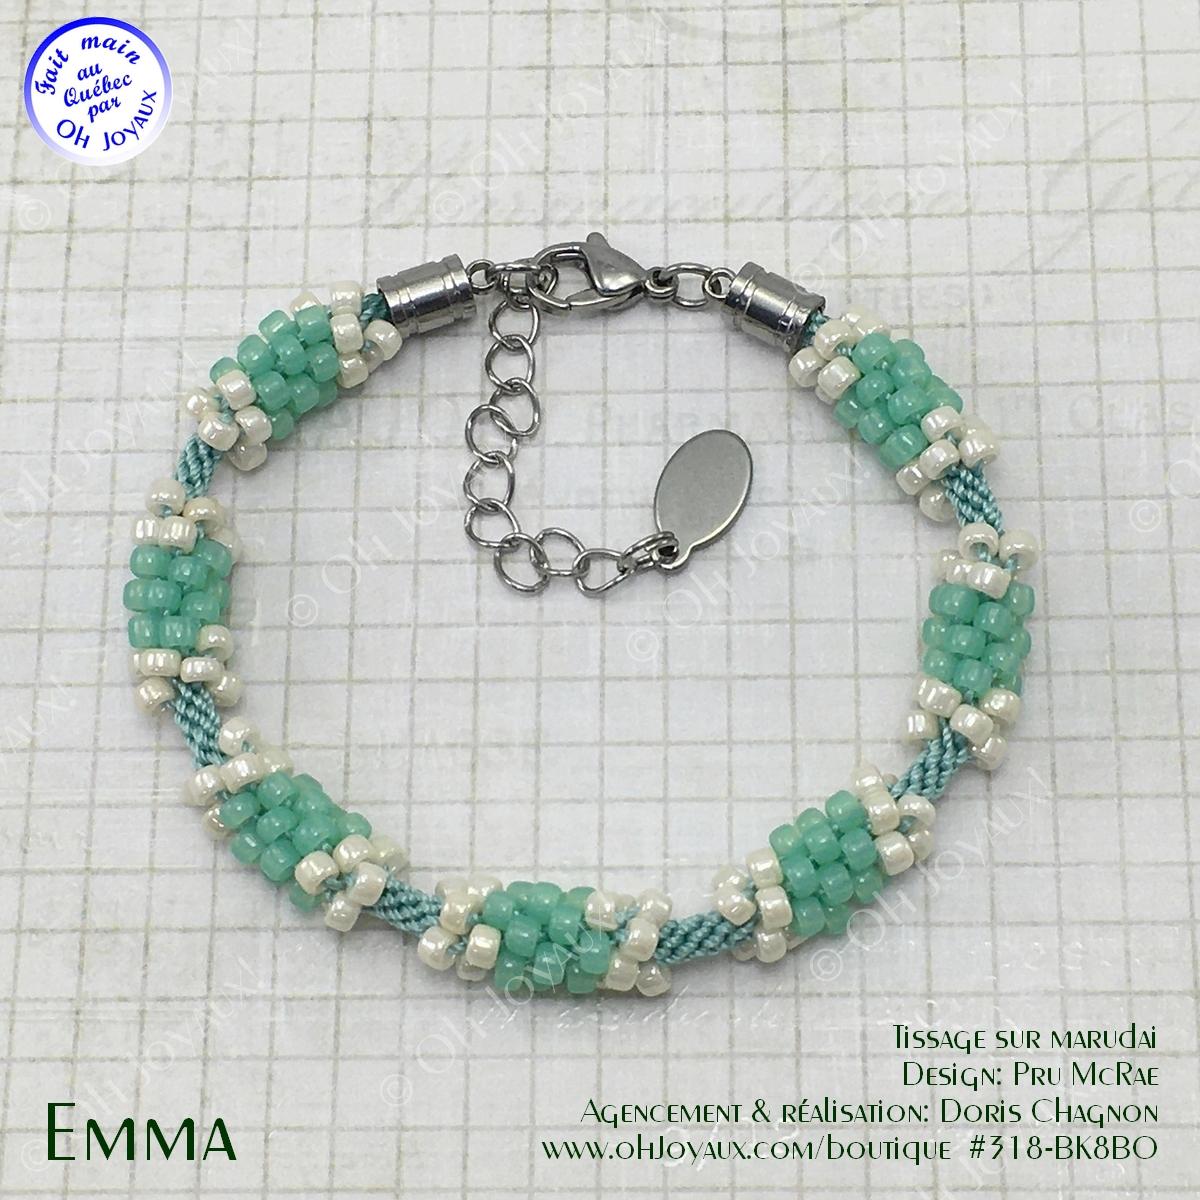 Bracelet Emma en vert kiwi et crème